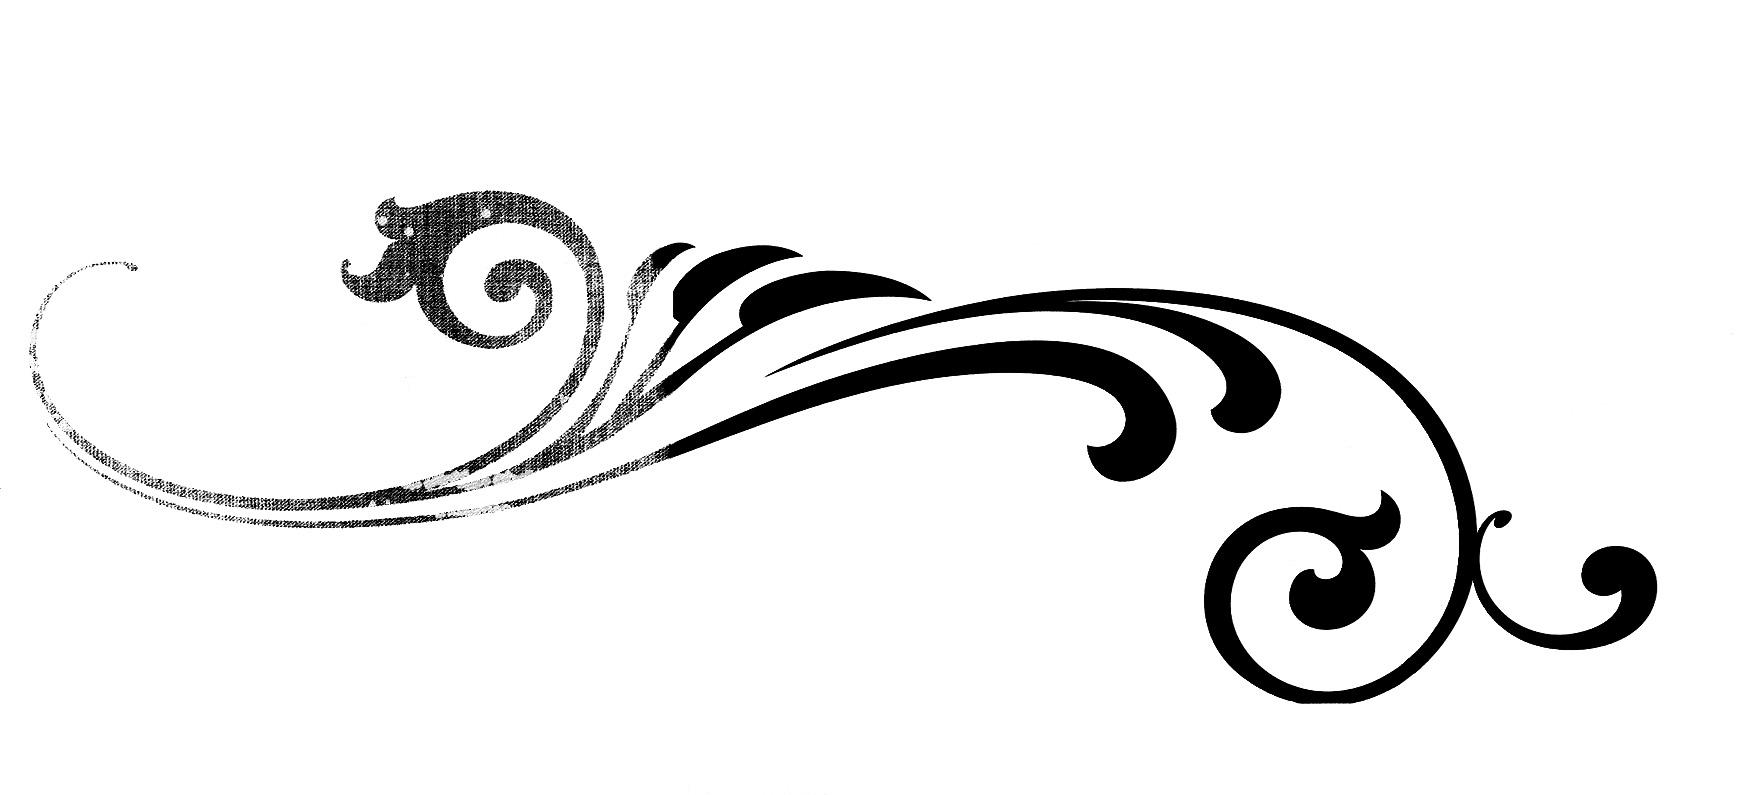 21 Fancy Flourish Free Clipar - Flourishes Clipart